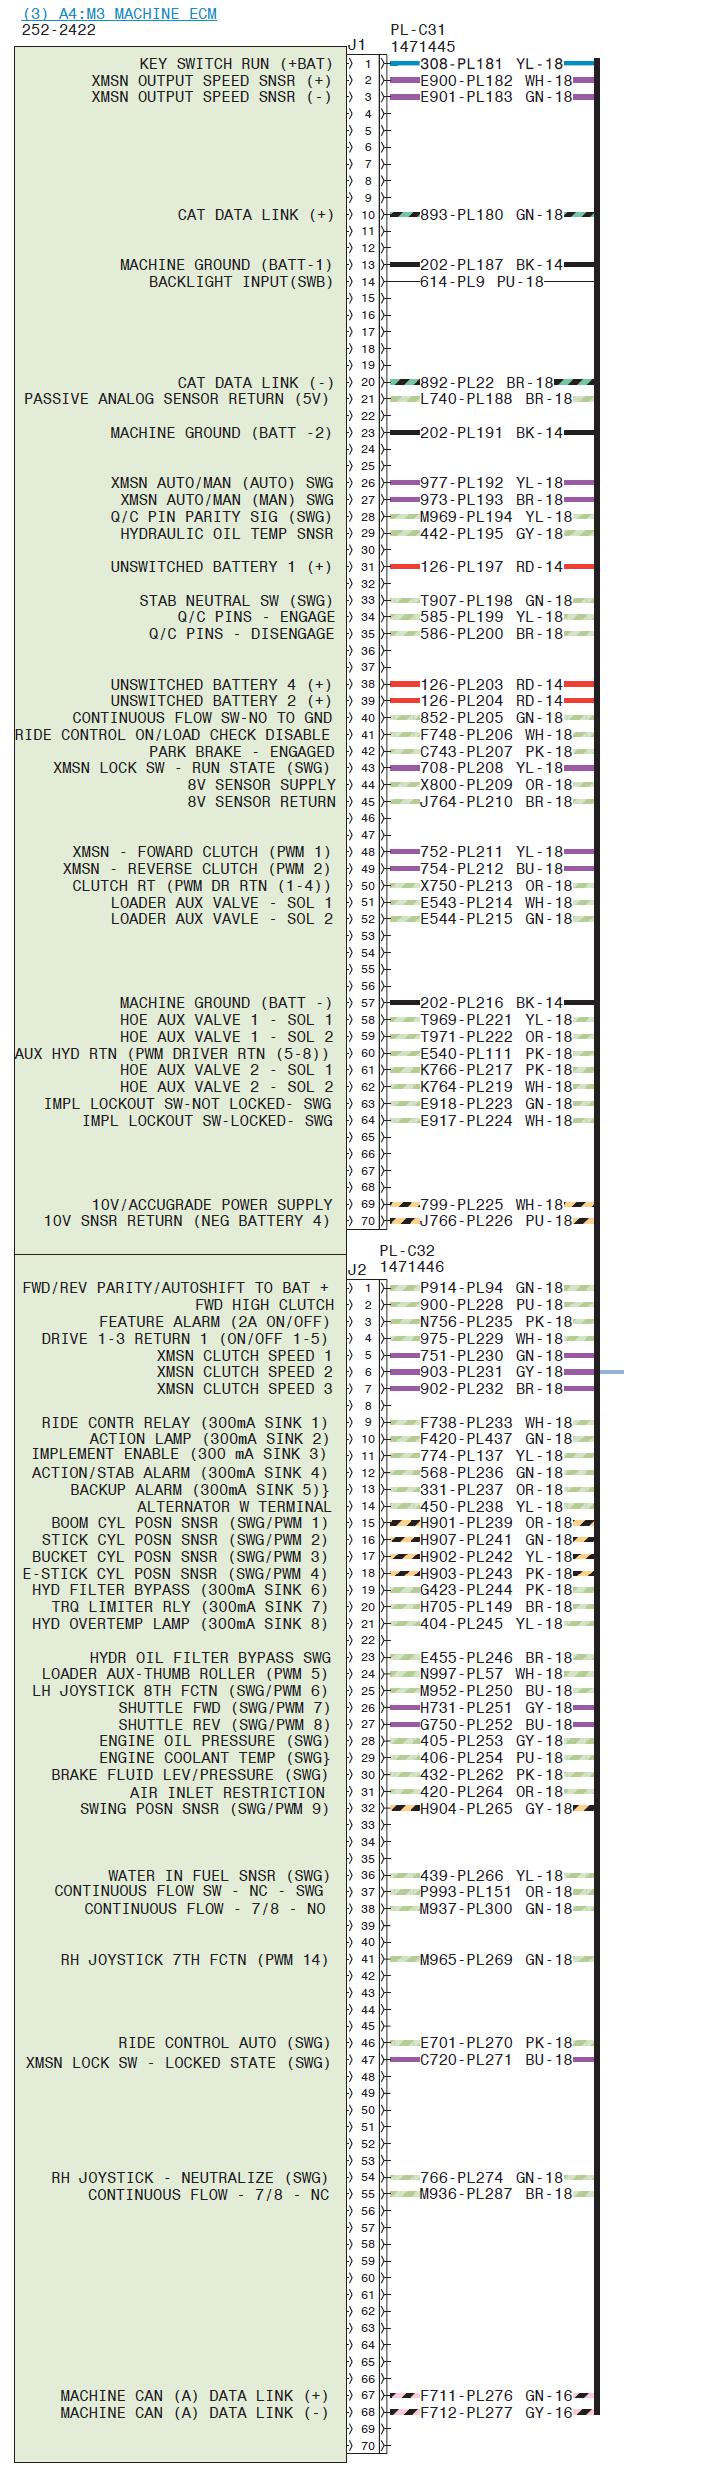 c90e5843-7304-450f-a157-105bb2ef5911_420E ECM.png